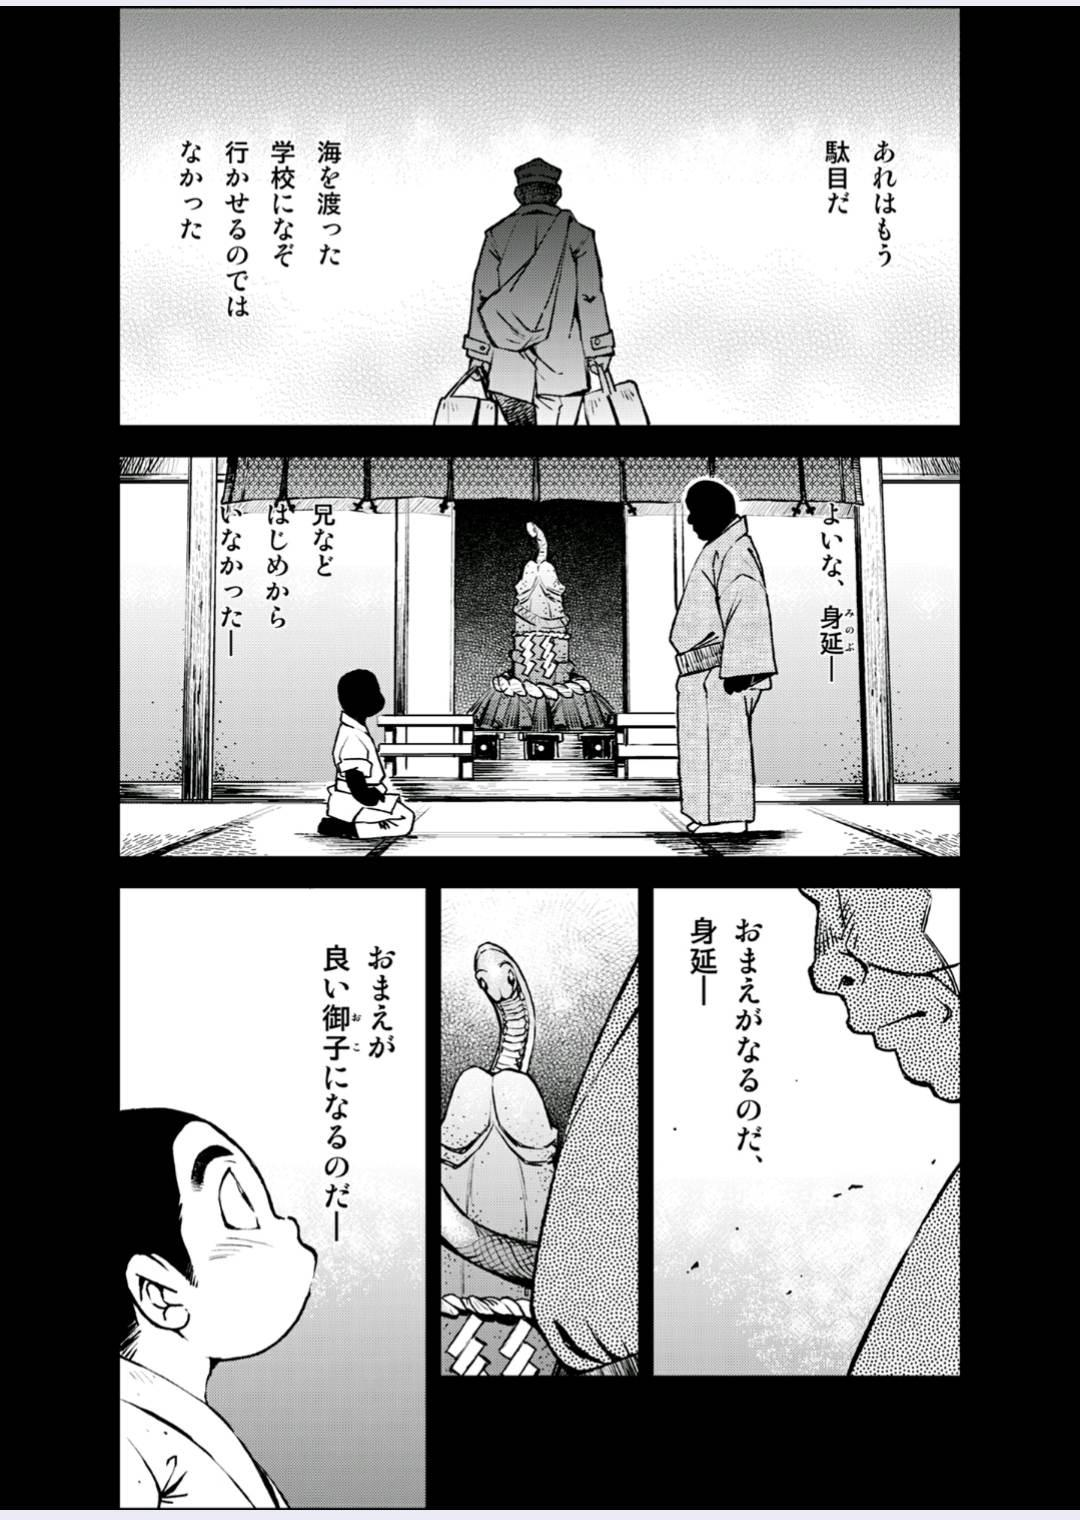 [KOWMEIISM (Kasai Kowmei)] Tadashii Danshi no Kyouren Hou (Yon) Deku to Kairai to [Digital] 7